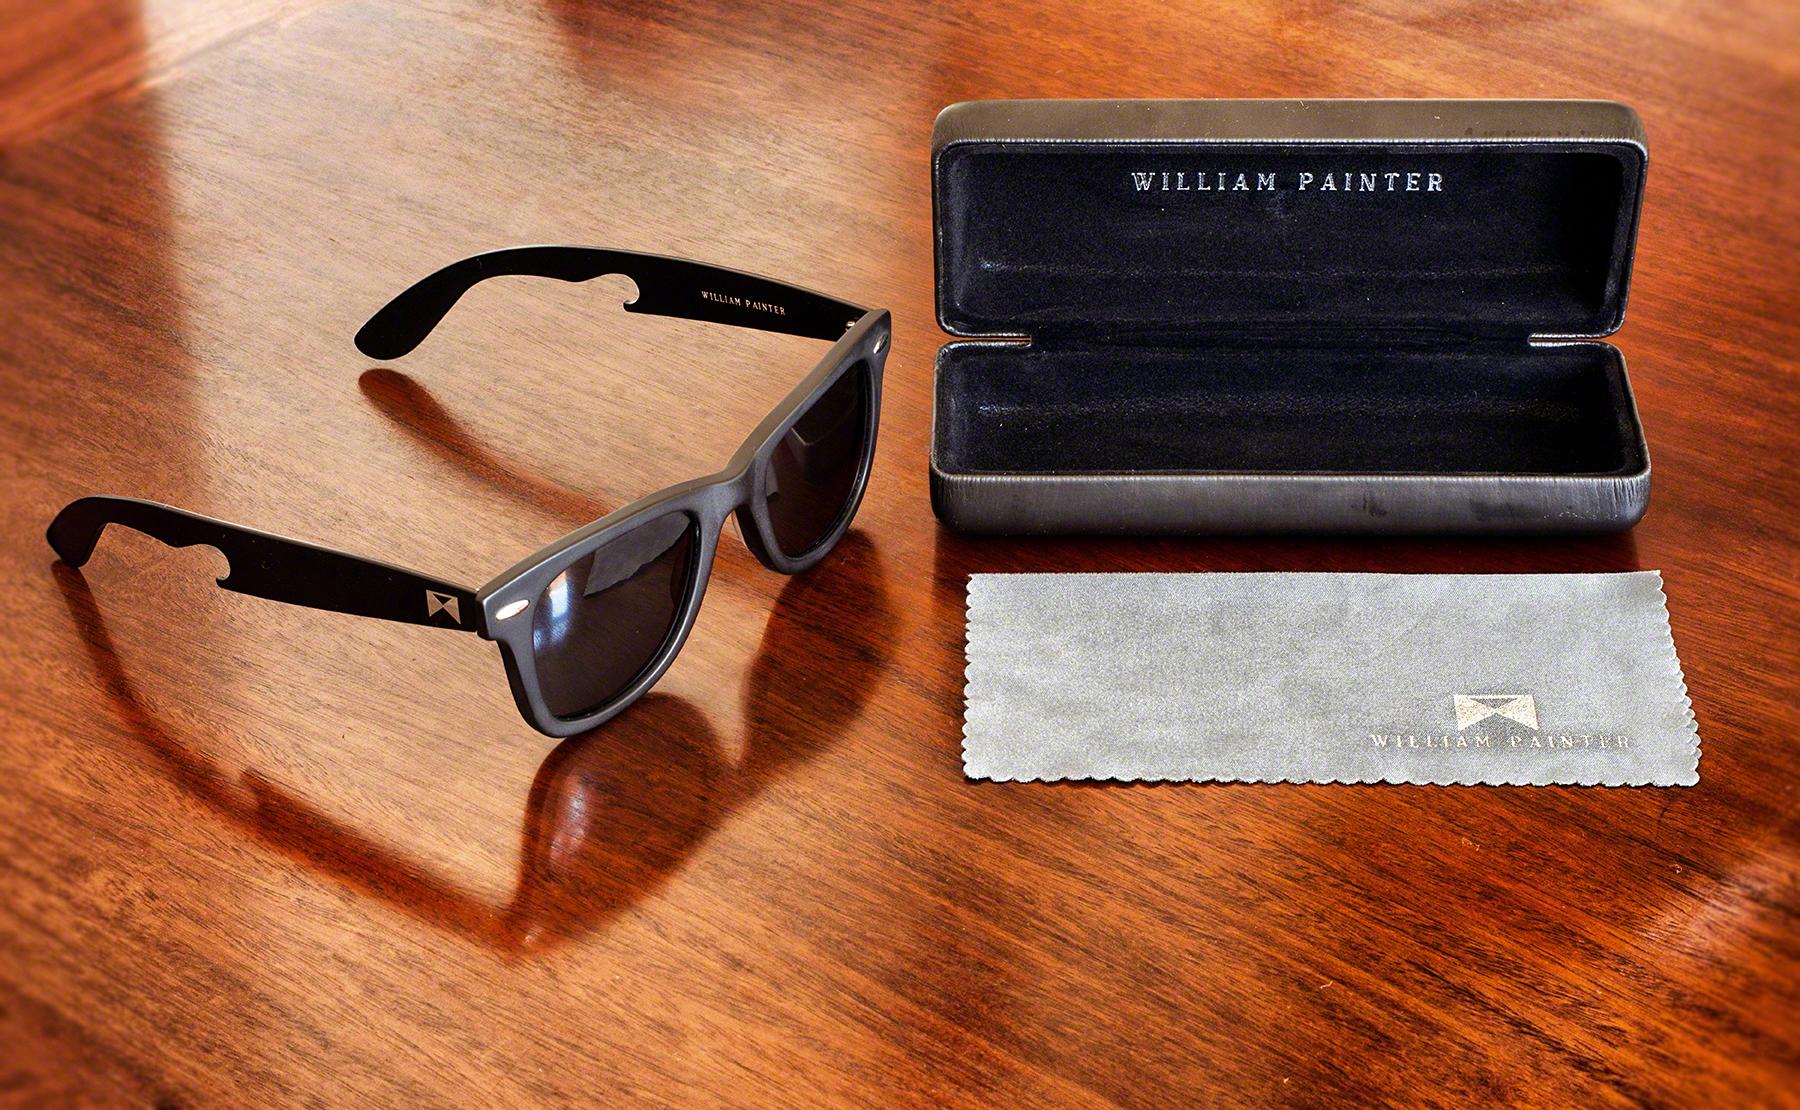 william-painter-product.jpg